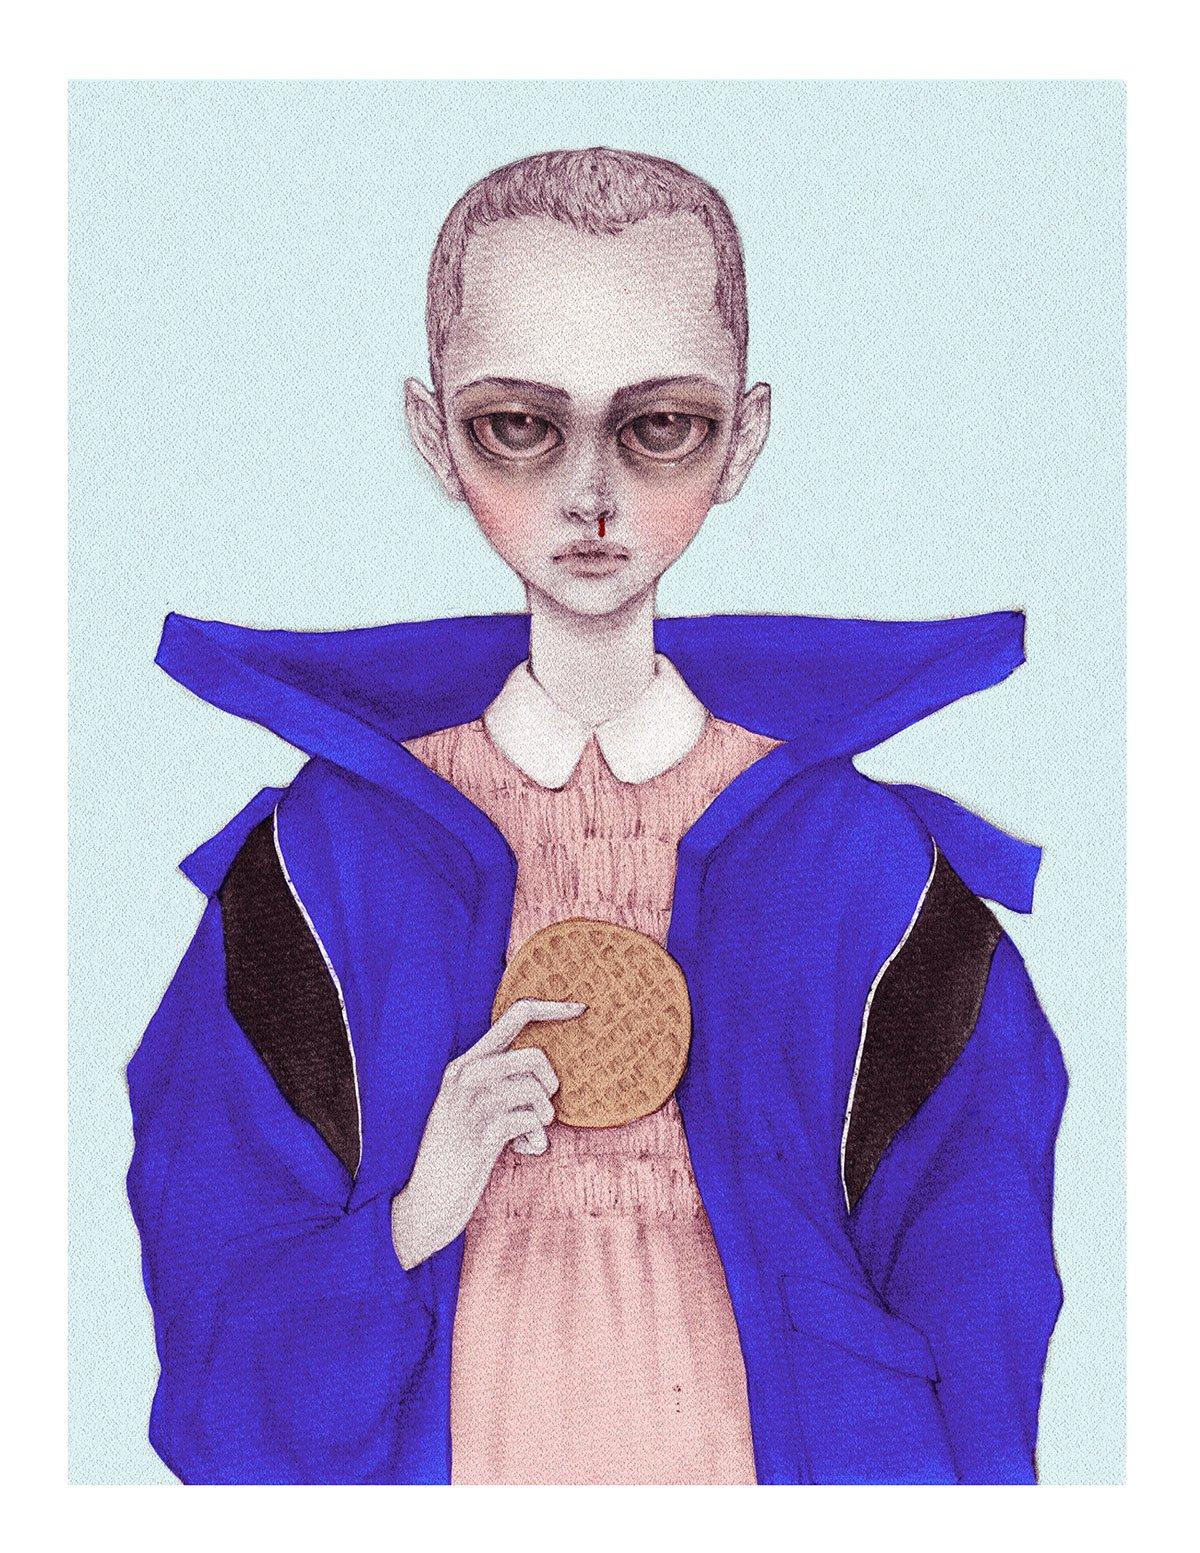 Eleven & Her Eggos by Nicolas Roa